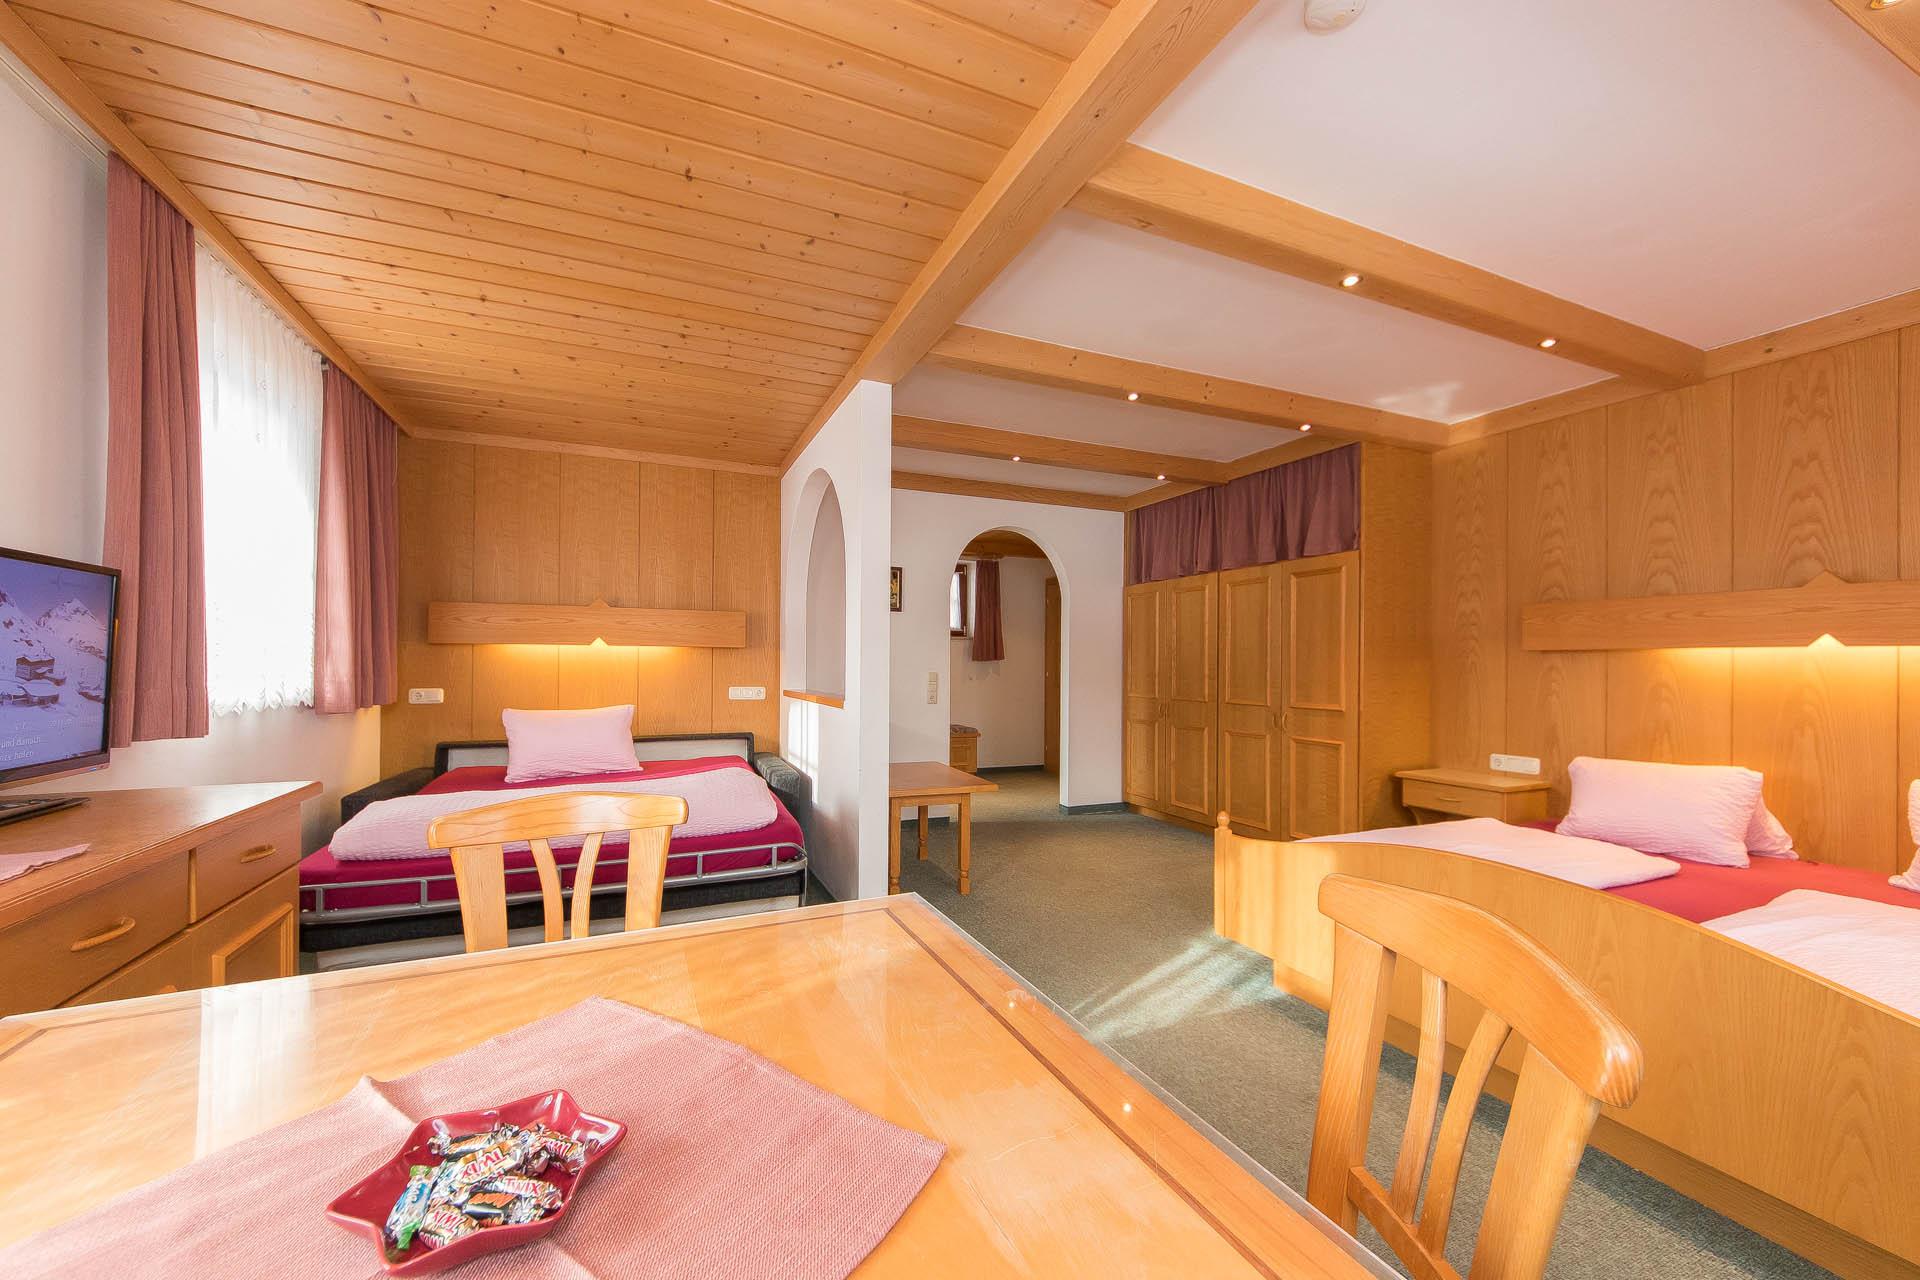 Familienzimmer in kaprun zell am see urlaub am unteraigenhof for Urlaub familienzimmer